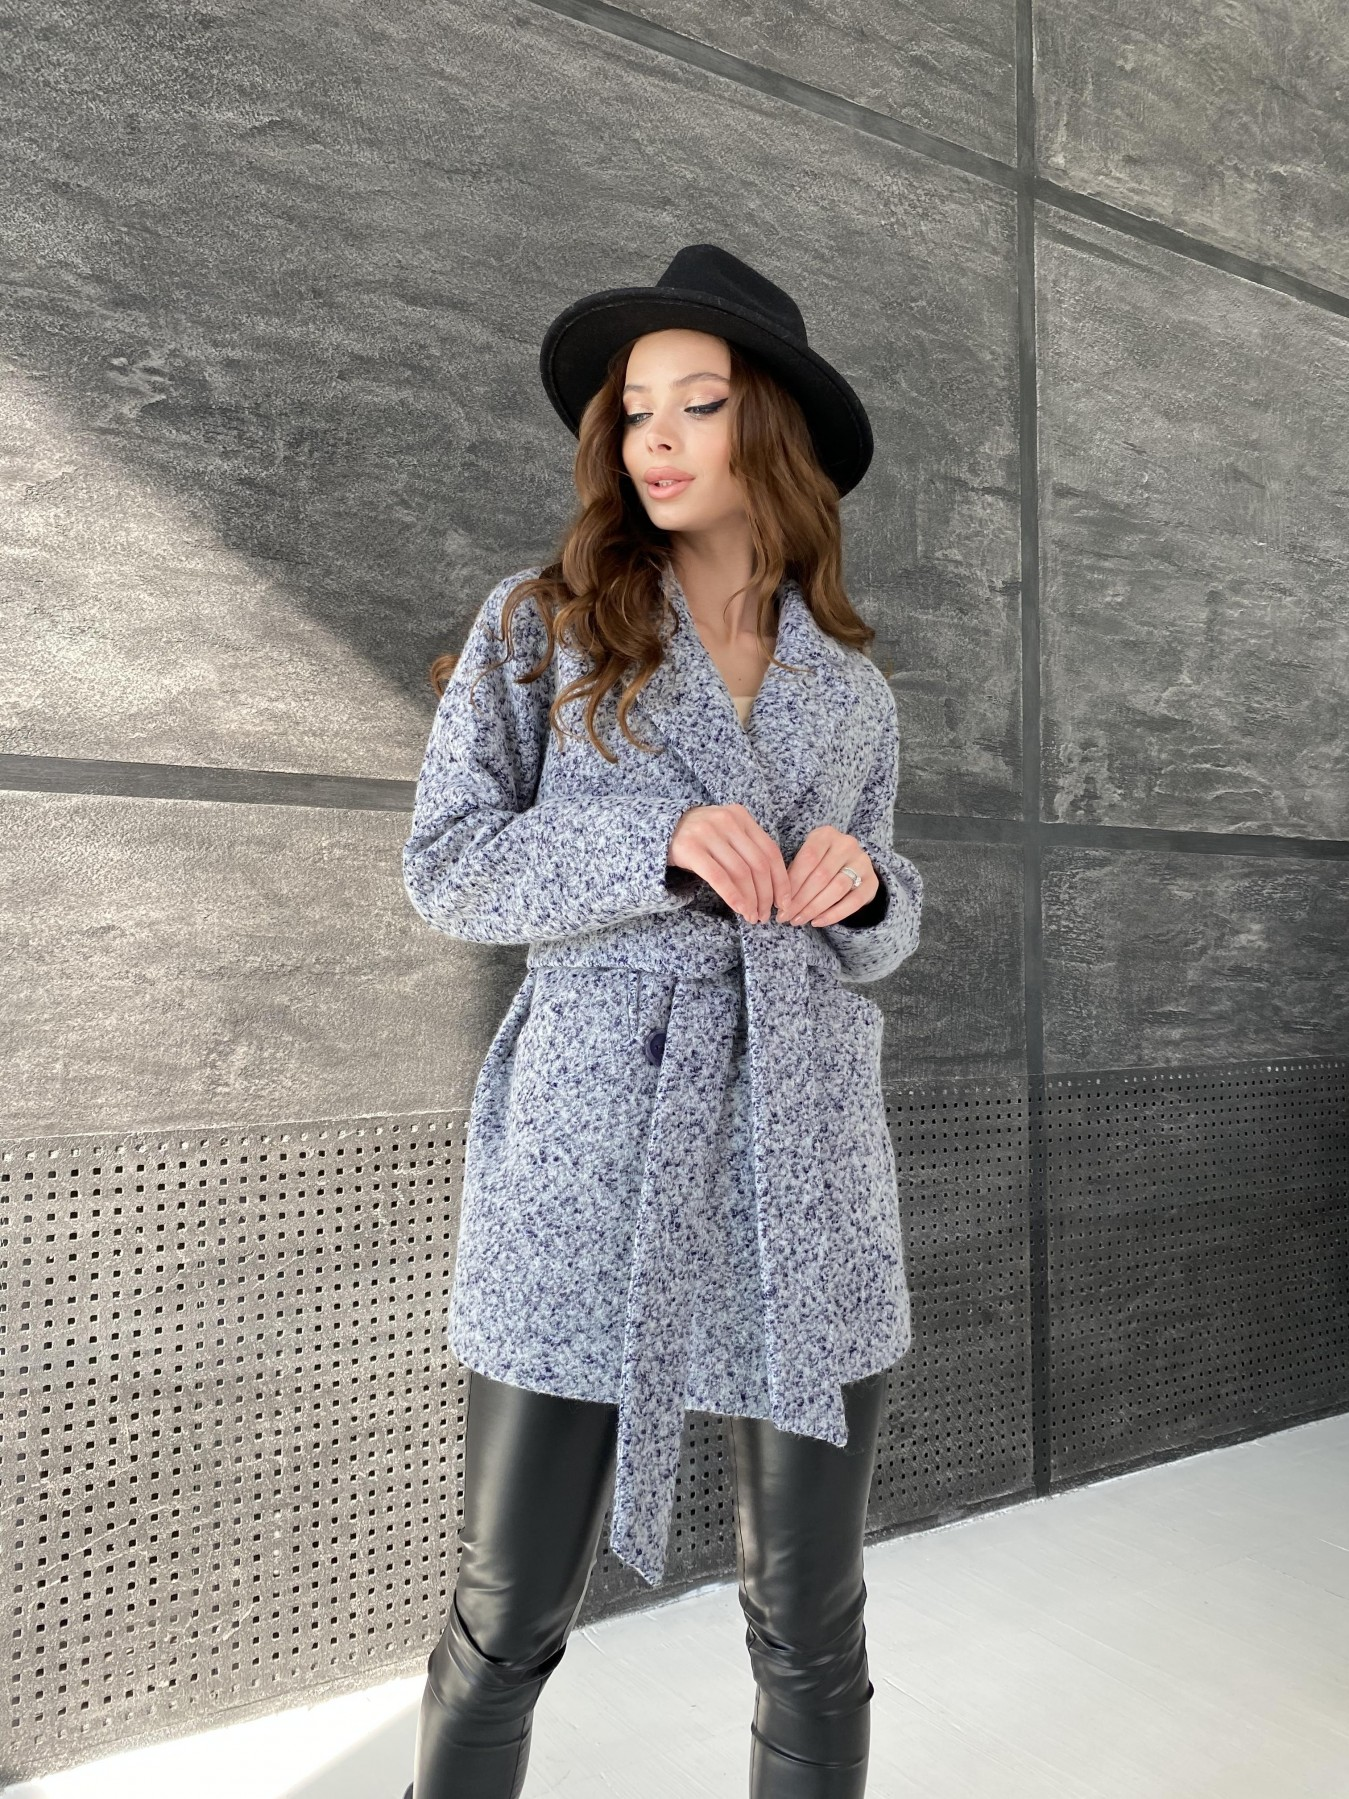 Бонд пальто из шерсти букле  10770 АРТ. 47199 Цвет: Серо-голубой 60 - фото 7, интернет магазин tm-modus.ru